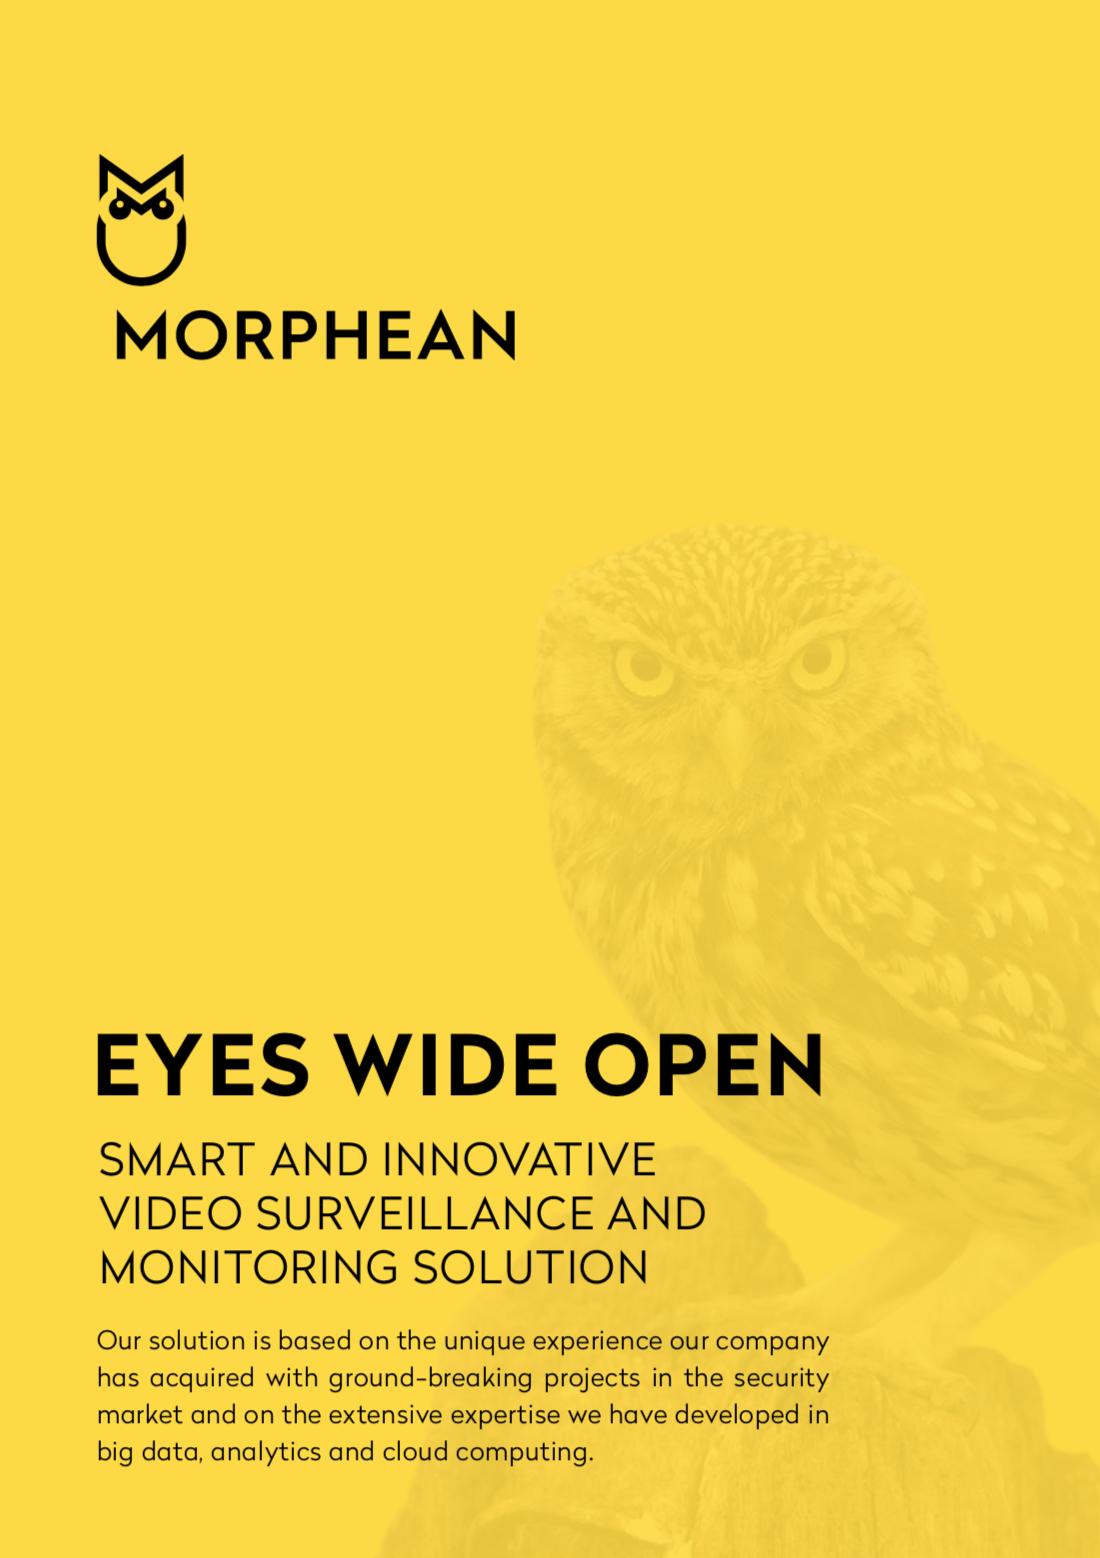 Download General Brochure  - Morphean